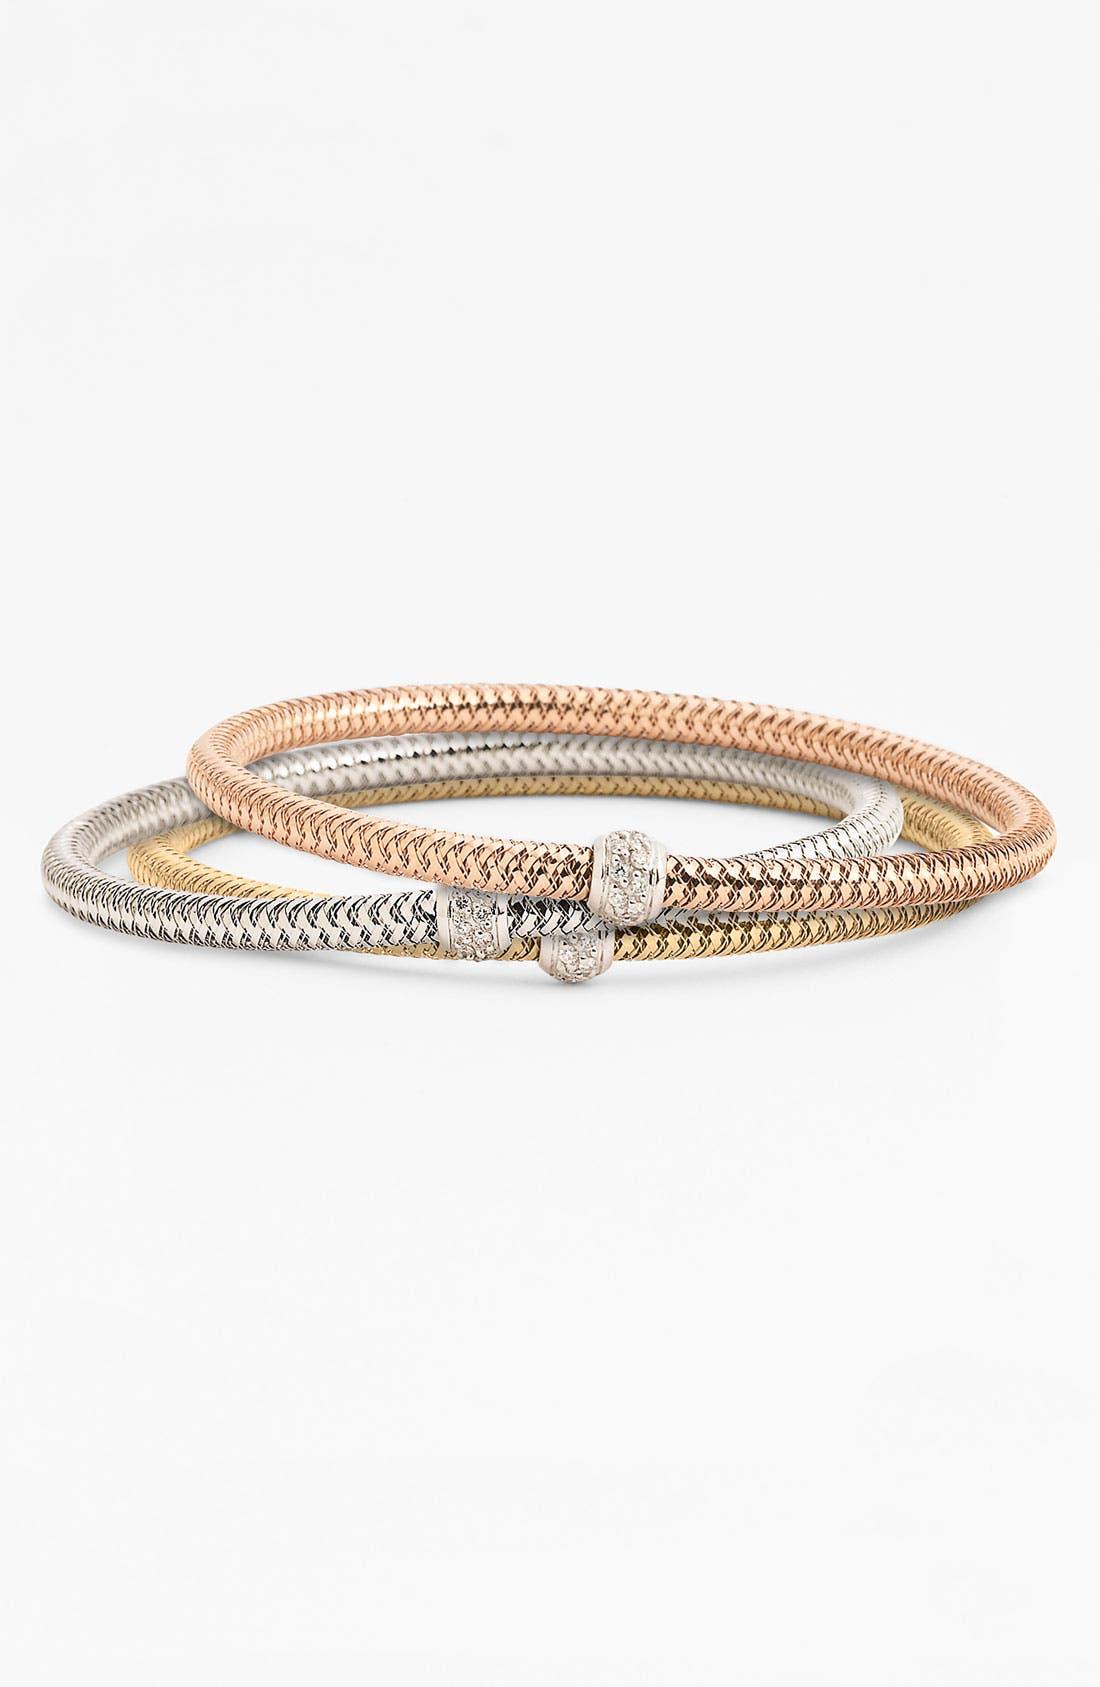 Alternate Image 1 Selected - Roberto Coin 'Mini Primavera' Diamond Bracelet